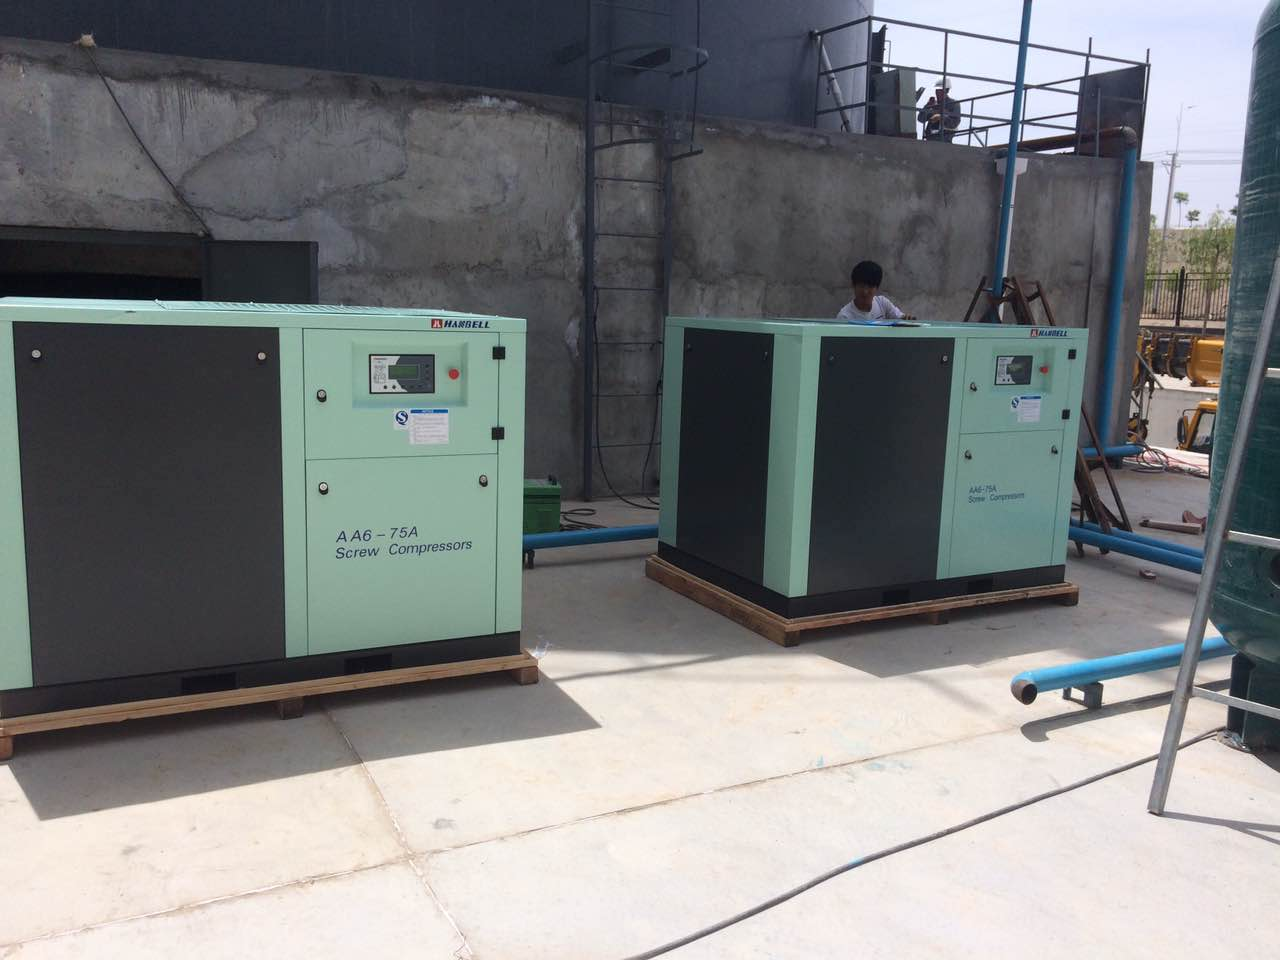 乌海螺杆式空压机-天地祥和节能设备有限公司汉钟螺杆式空压机作用怎么样